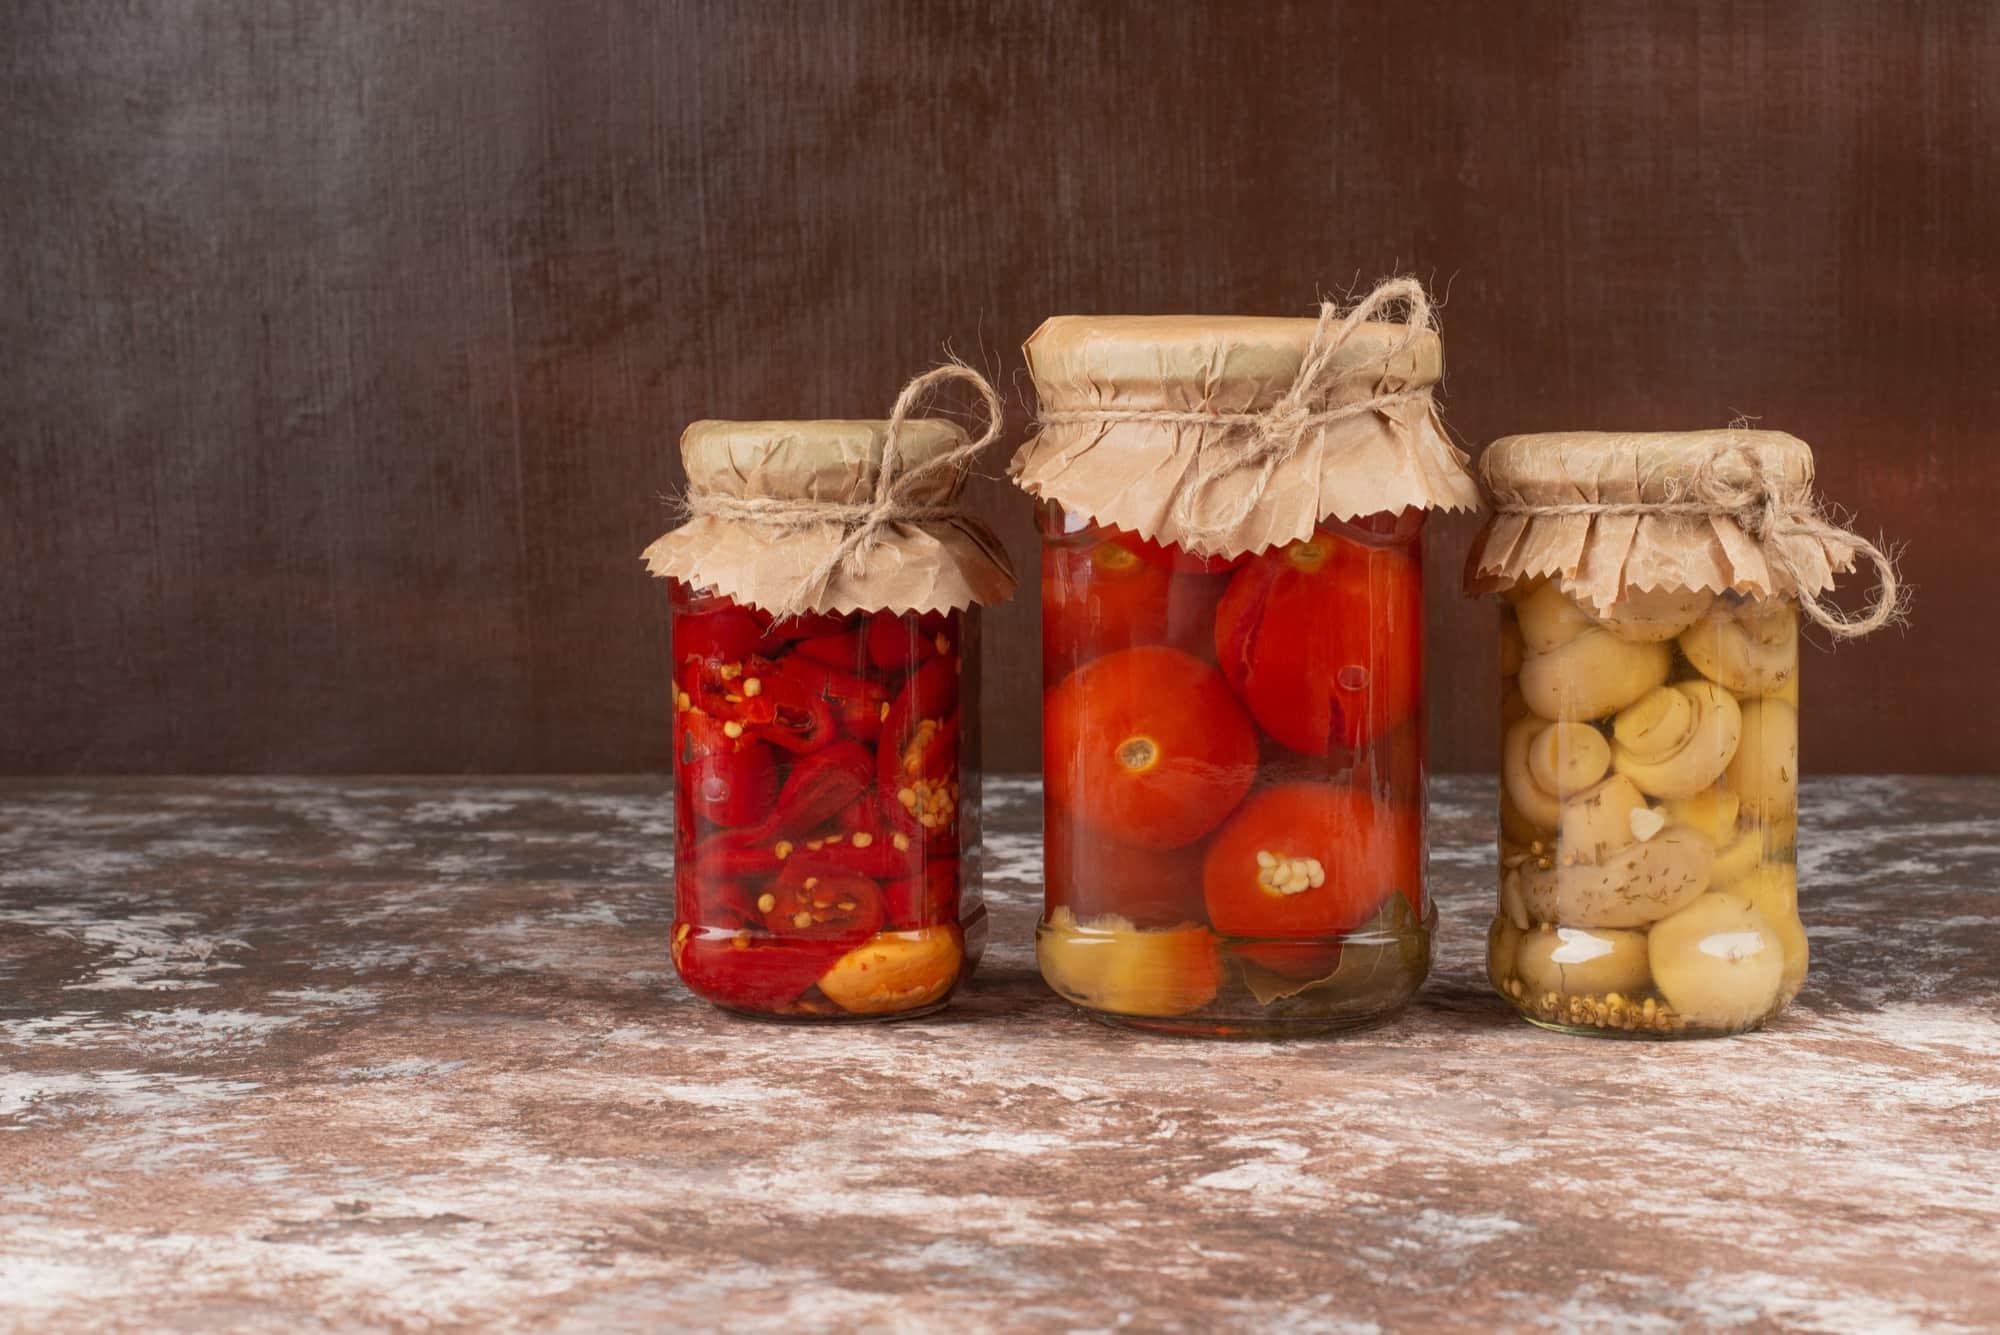 Жена любовника закатывает помидоры правильно, старательная огородница Кулинария,Советы,Дача,Кухня,Овощи,Помидоры,Соленья,Хозяйство